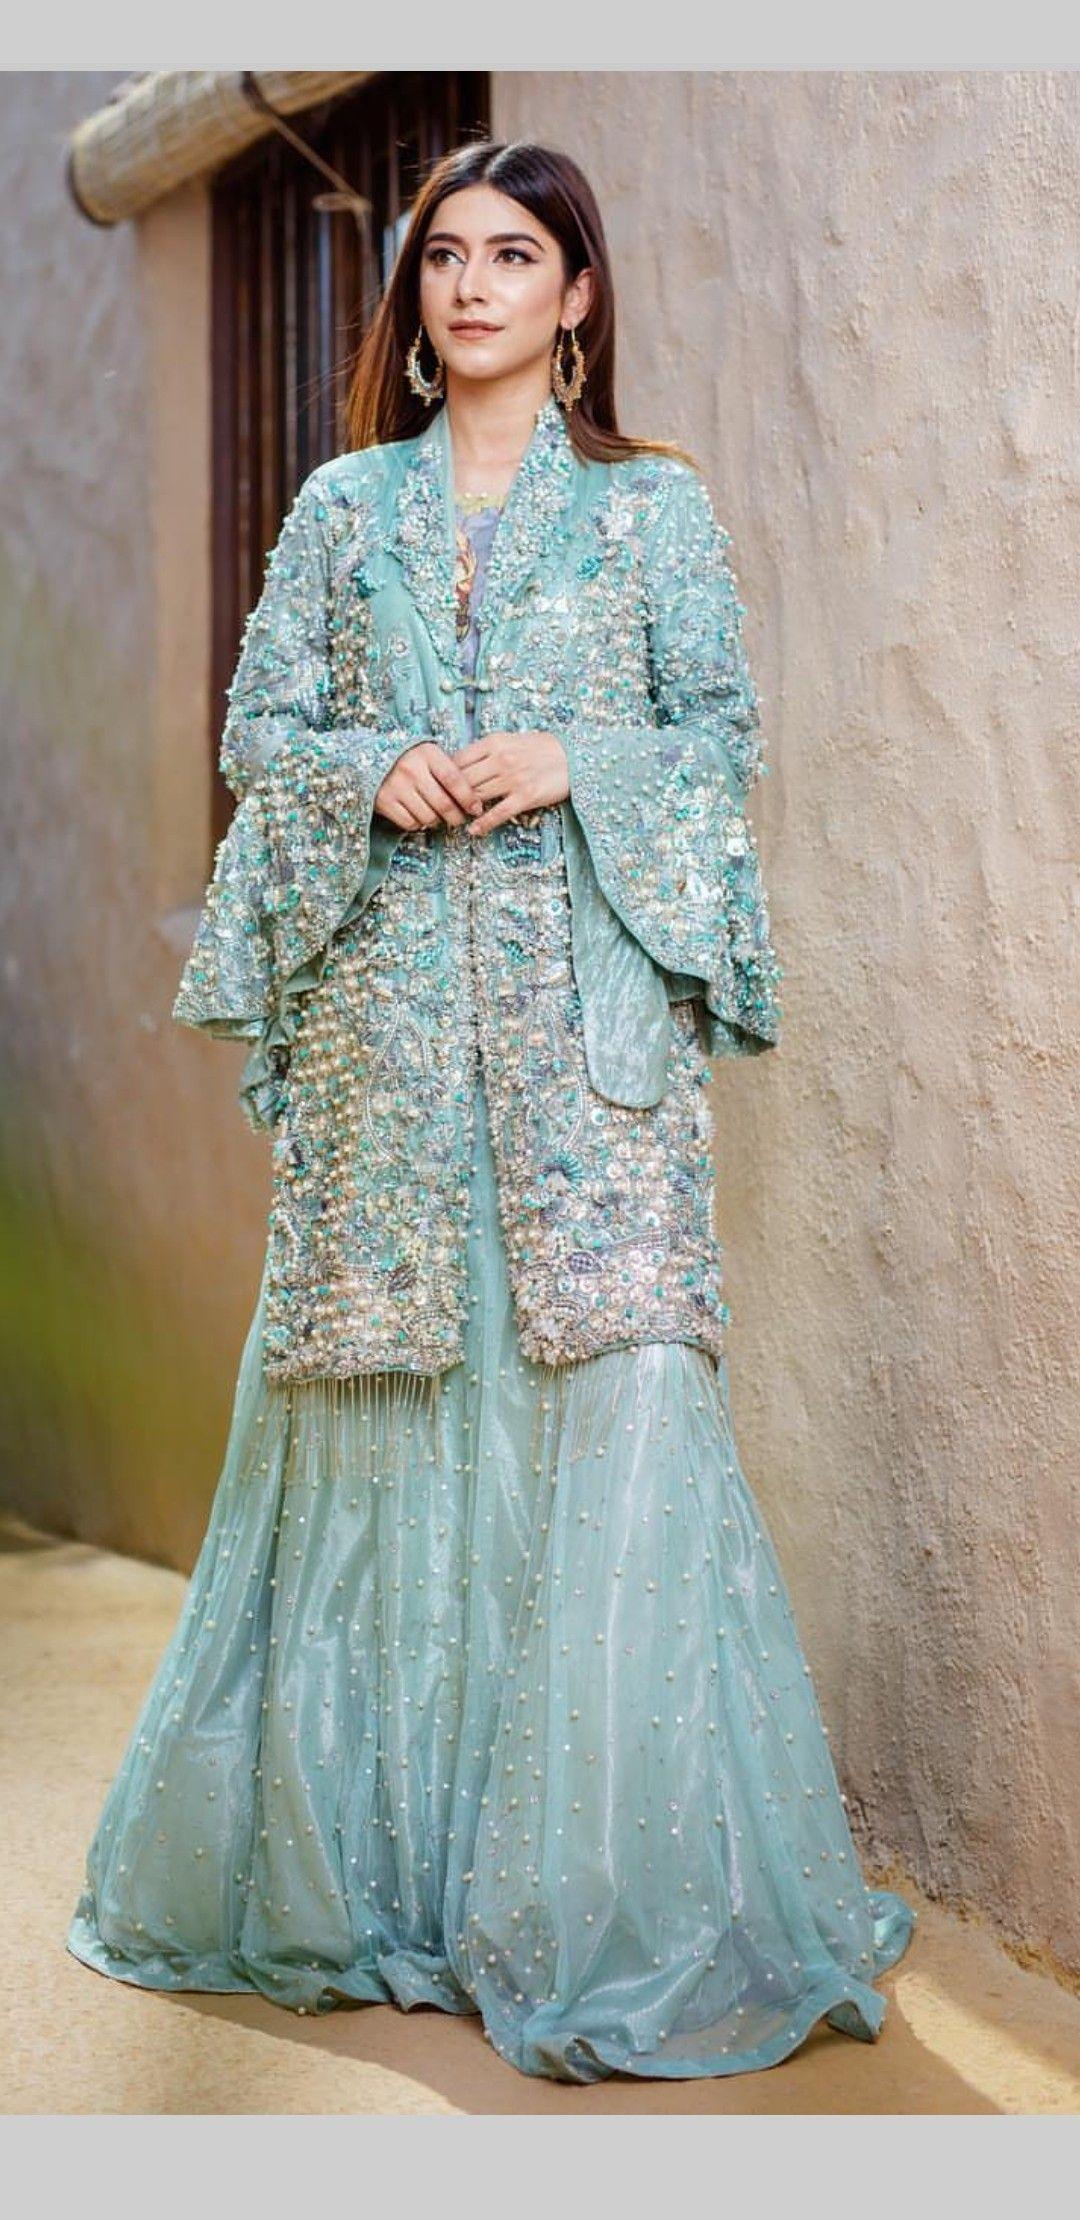 Pin by ButteryJellyLala on Fashion | Pinterest | Pakistani, Indian ...